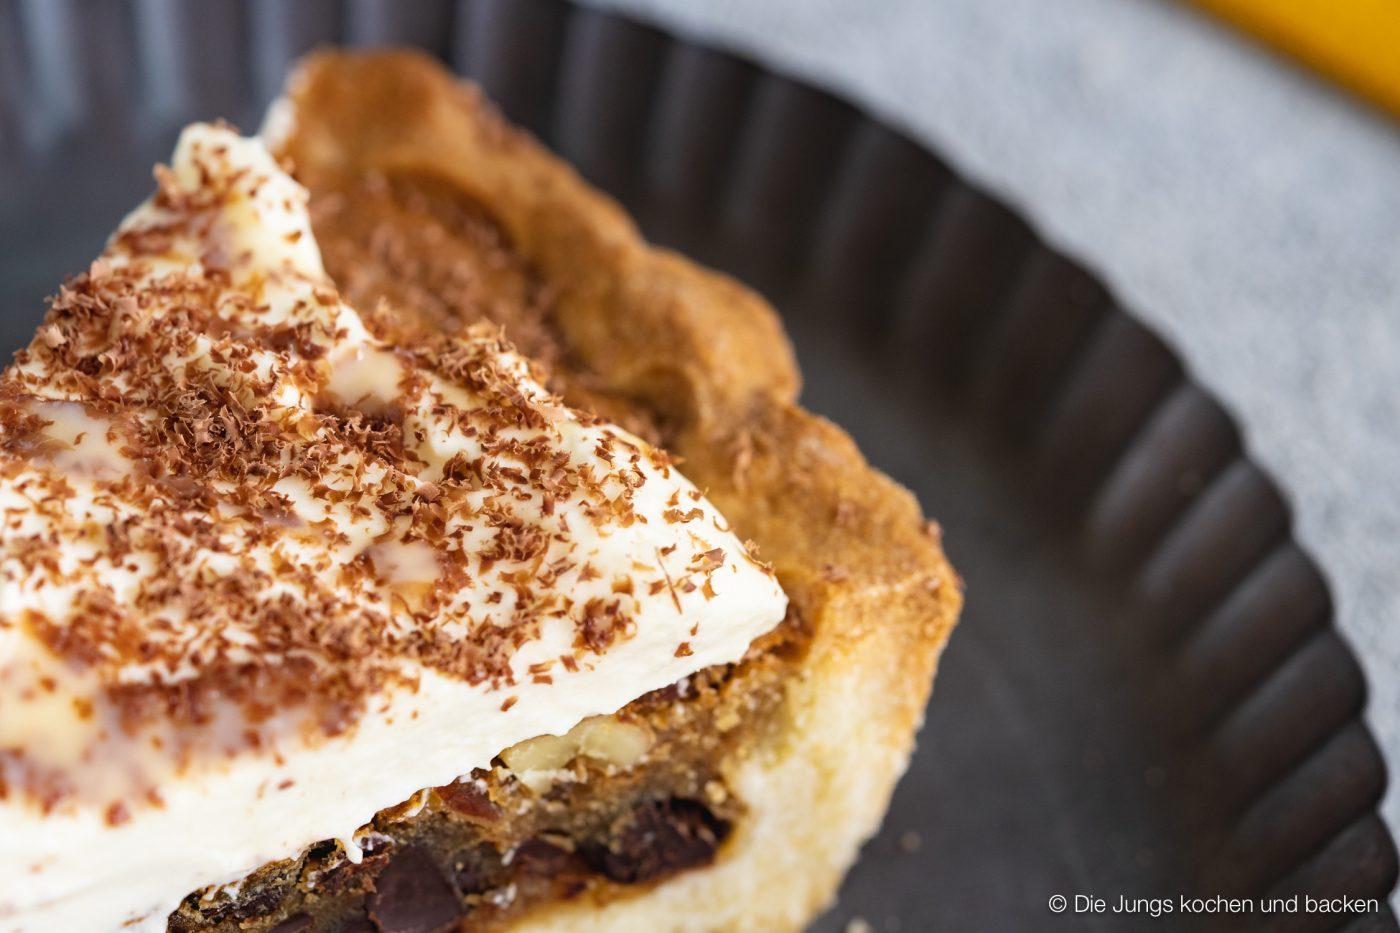 Cookie tarte eierlikör microplane 10 | Und weiter geht's mit unseren Ideen für euer Oster-Brunch. Nach den unverschämt guten Eggs Benedicts muss nun aber auch etwas Süßes auf den Tisch! An Ostern ist Eierlikör ein sehr gern gesehener Gast und auch bei unserem heutigen Rezept spielt er eine leckere Rolle. Wir haben eine wunderbare Sünde für die Ostertage gebacken, die ihr mit Sicherheit lieben werdet - eine Cookie-Tarte mit Tonkabohne & Eierlikör.